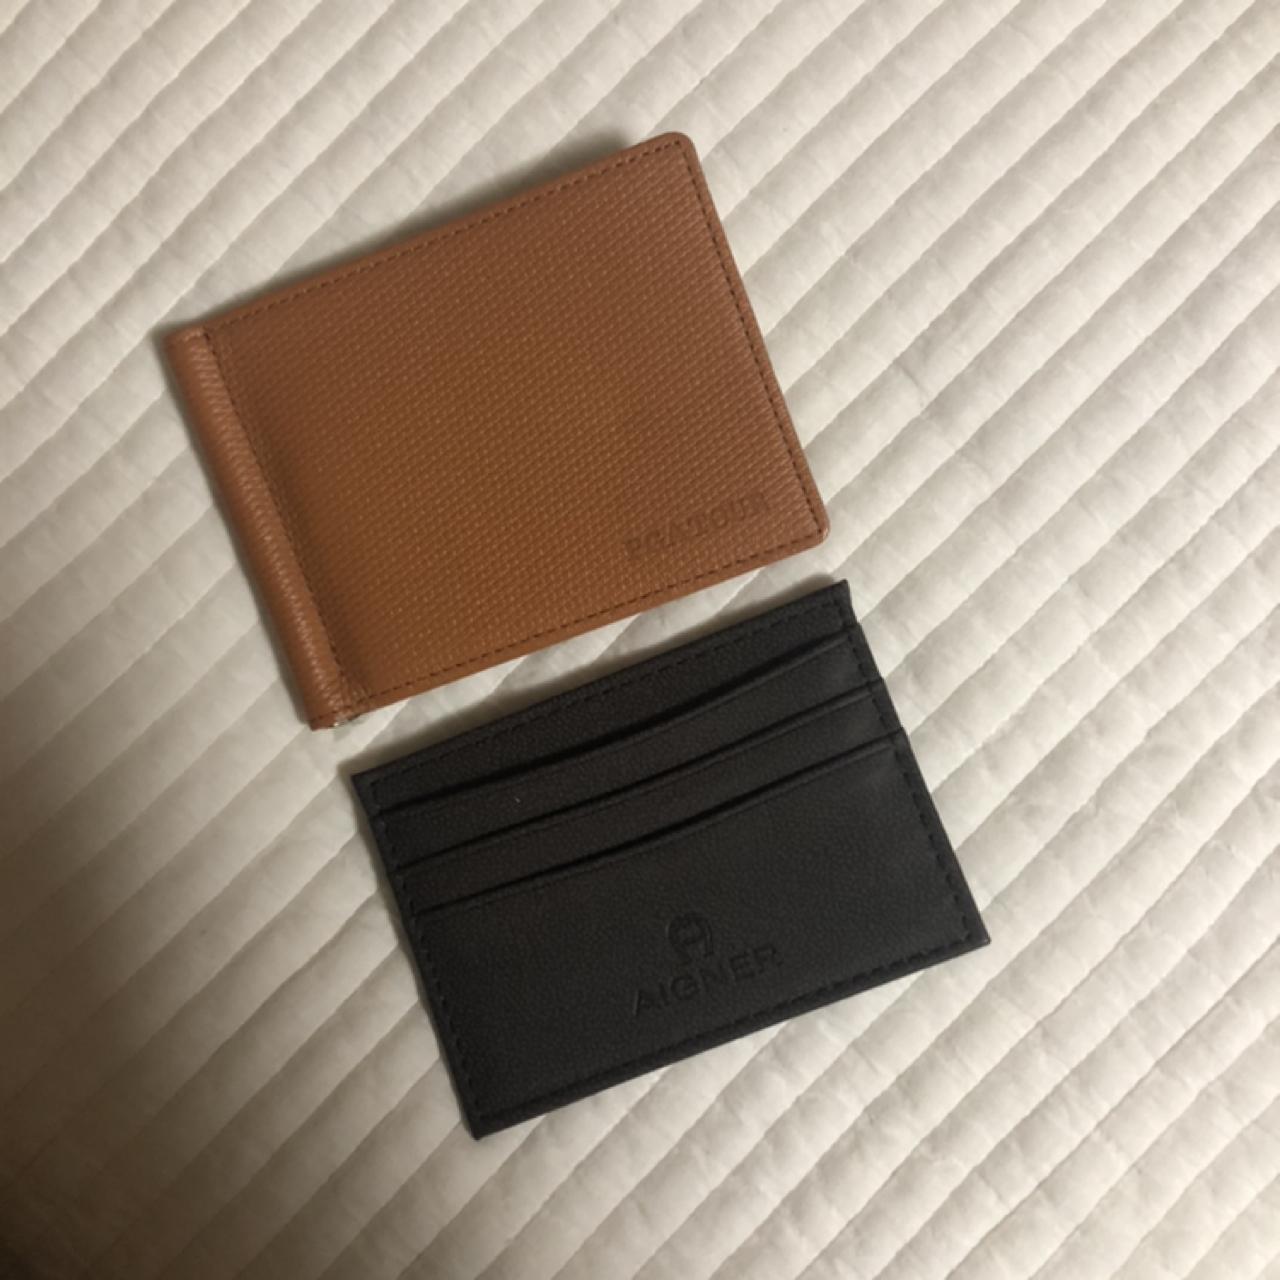 머니클립,카드지갑